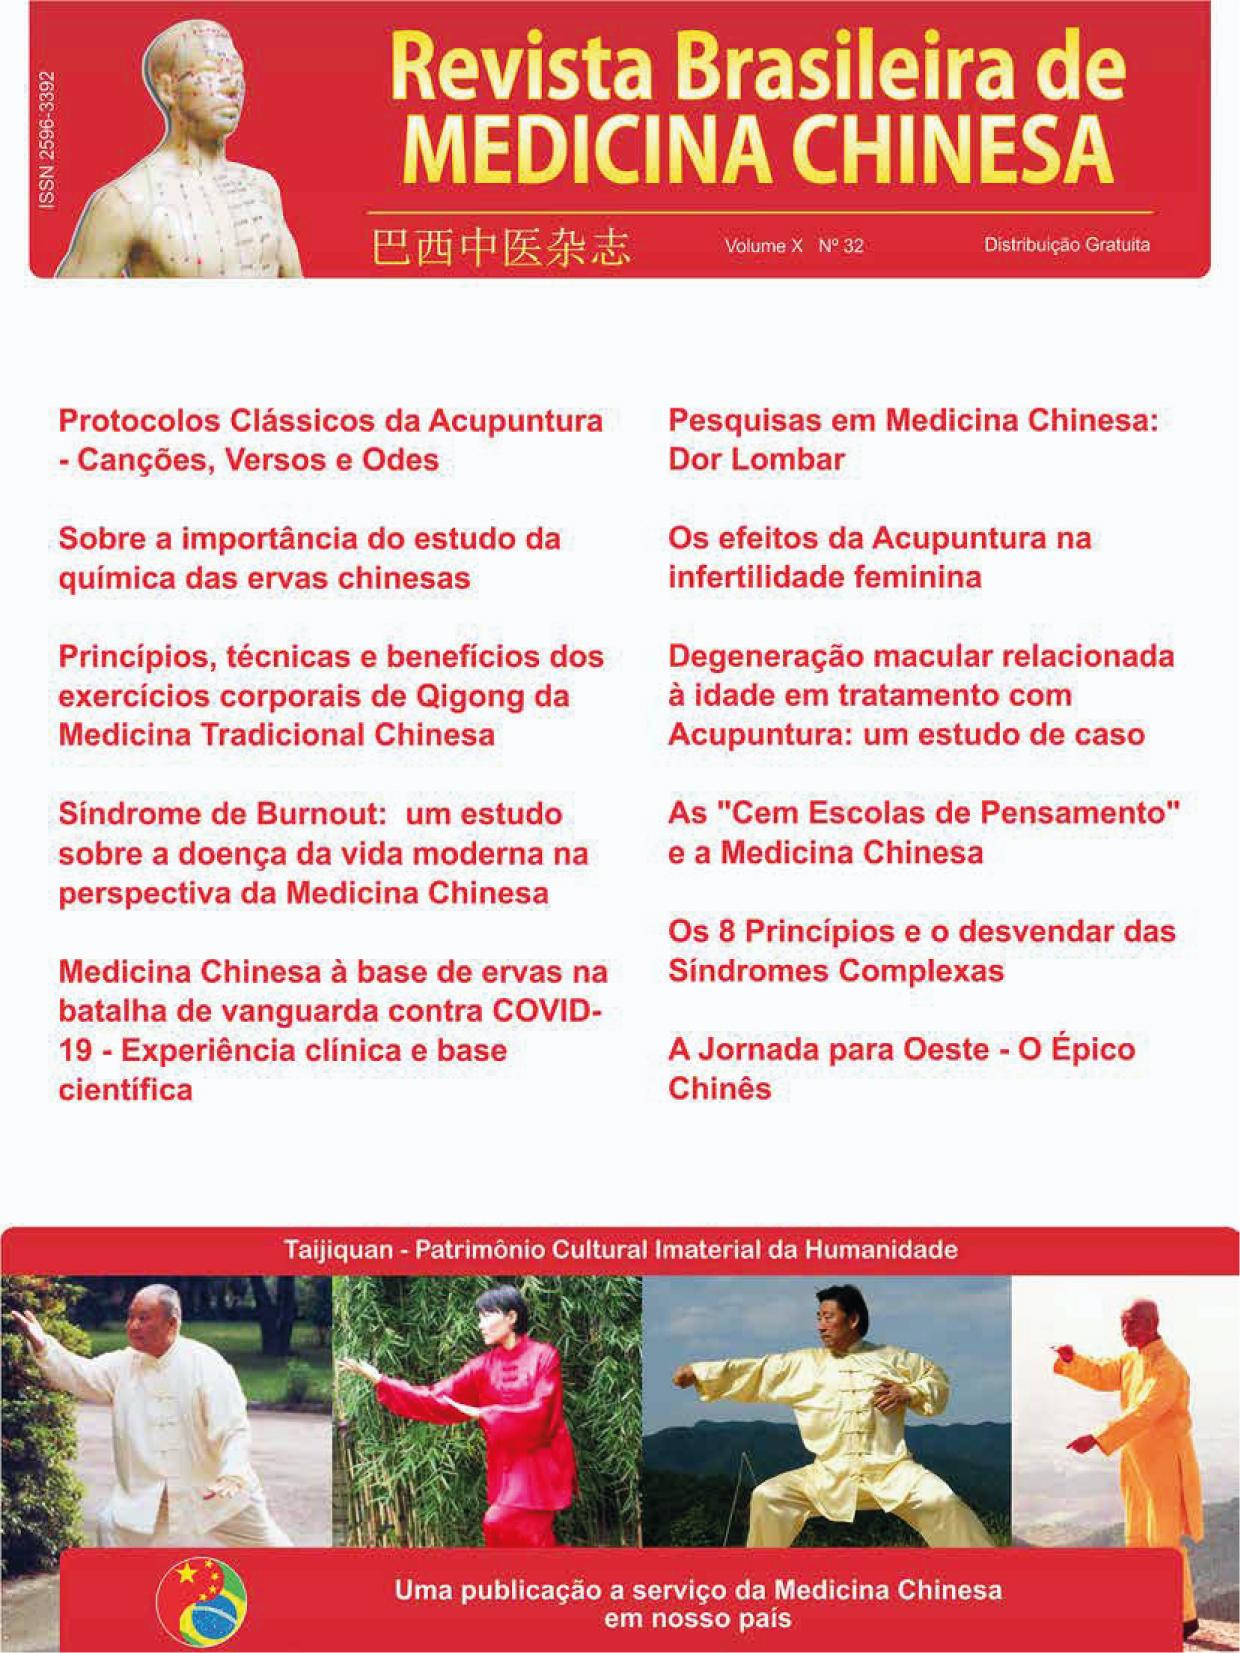 Revista Brasileira de Medicina Chinesa – 32ª Edição